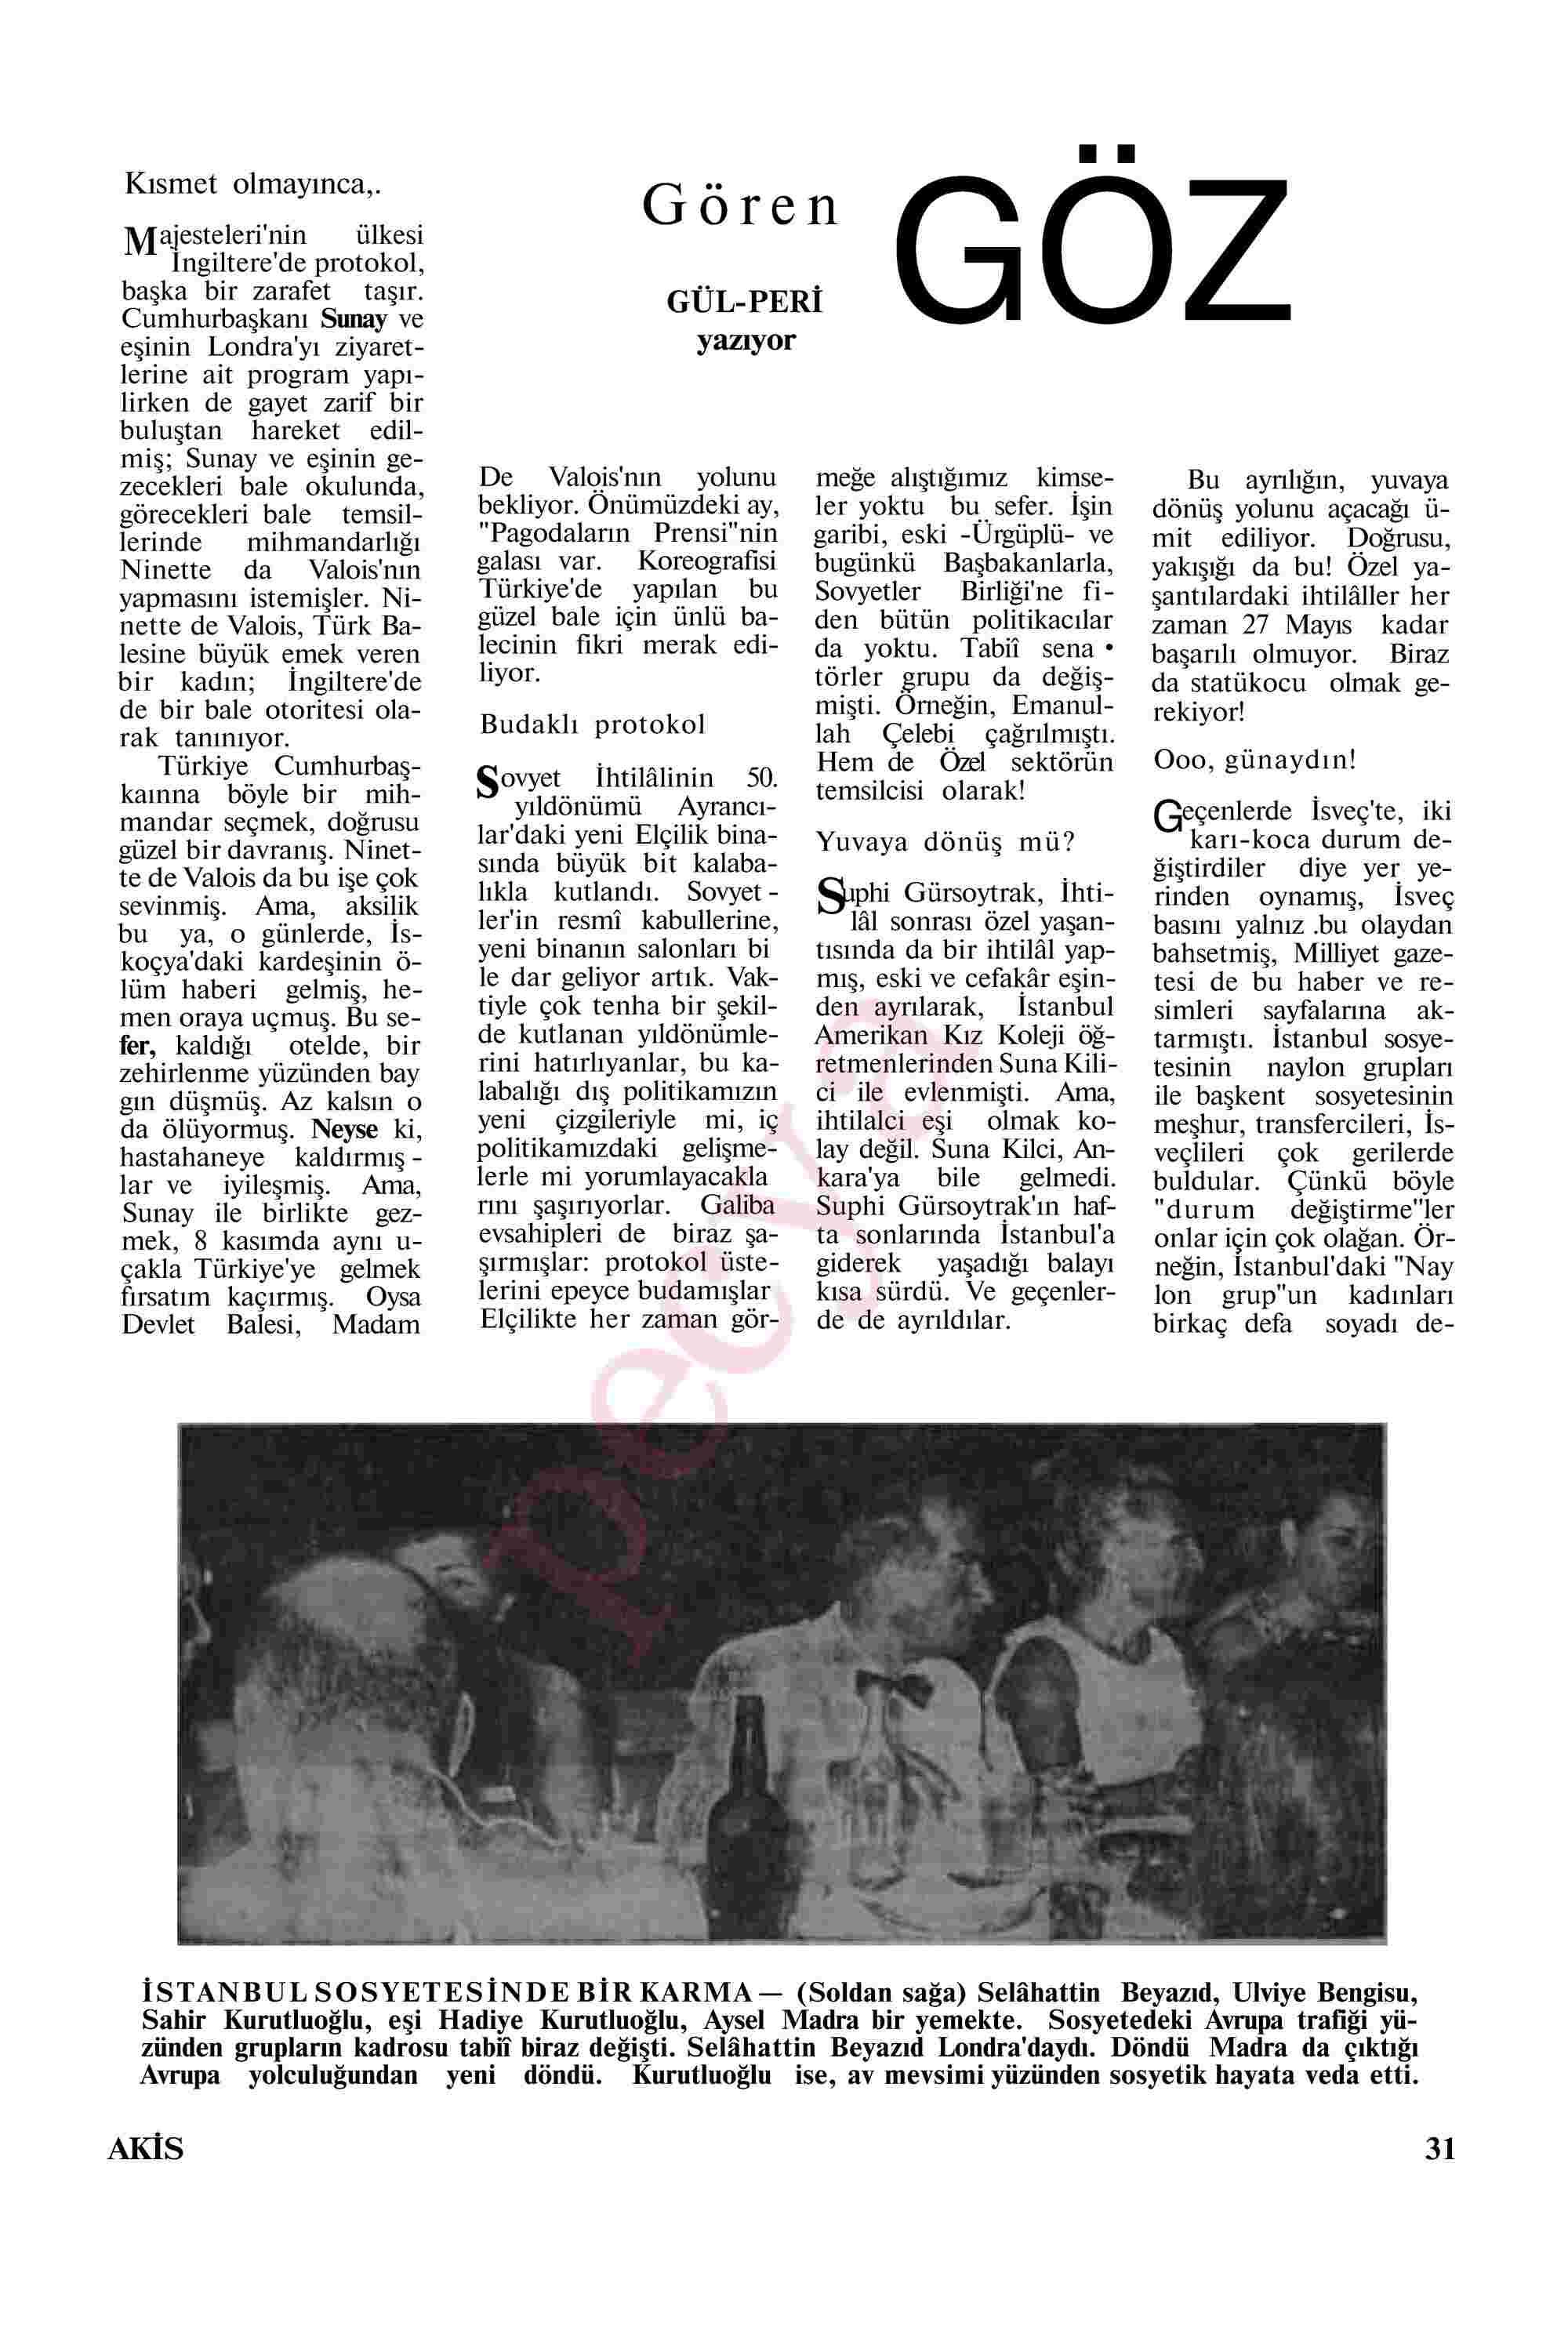 20 Kasım 1967 Tarihli Akis Dergisi Sayfa 33